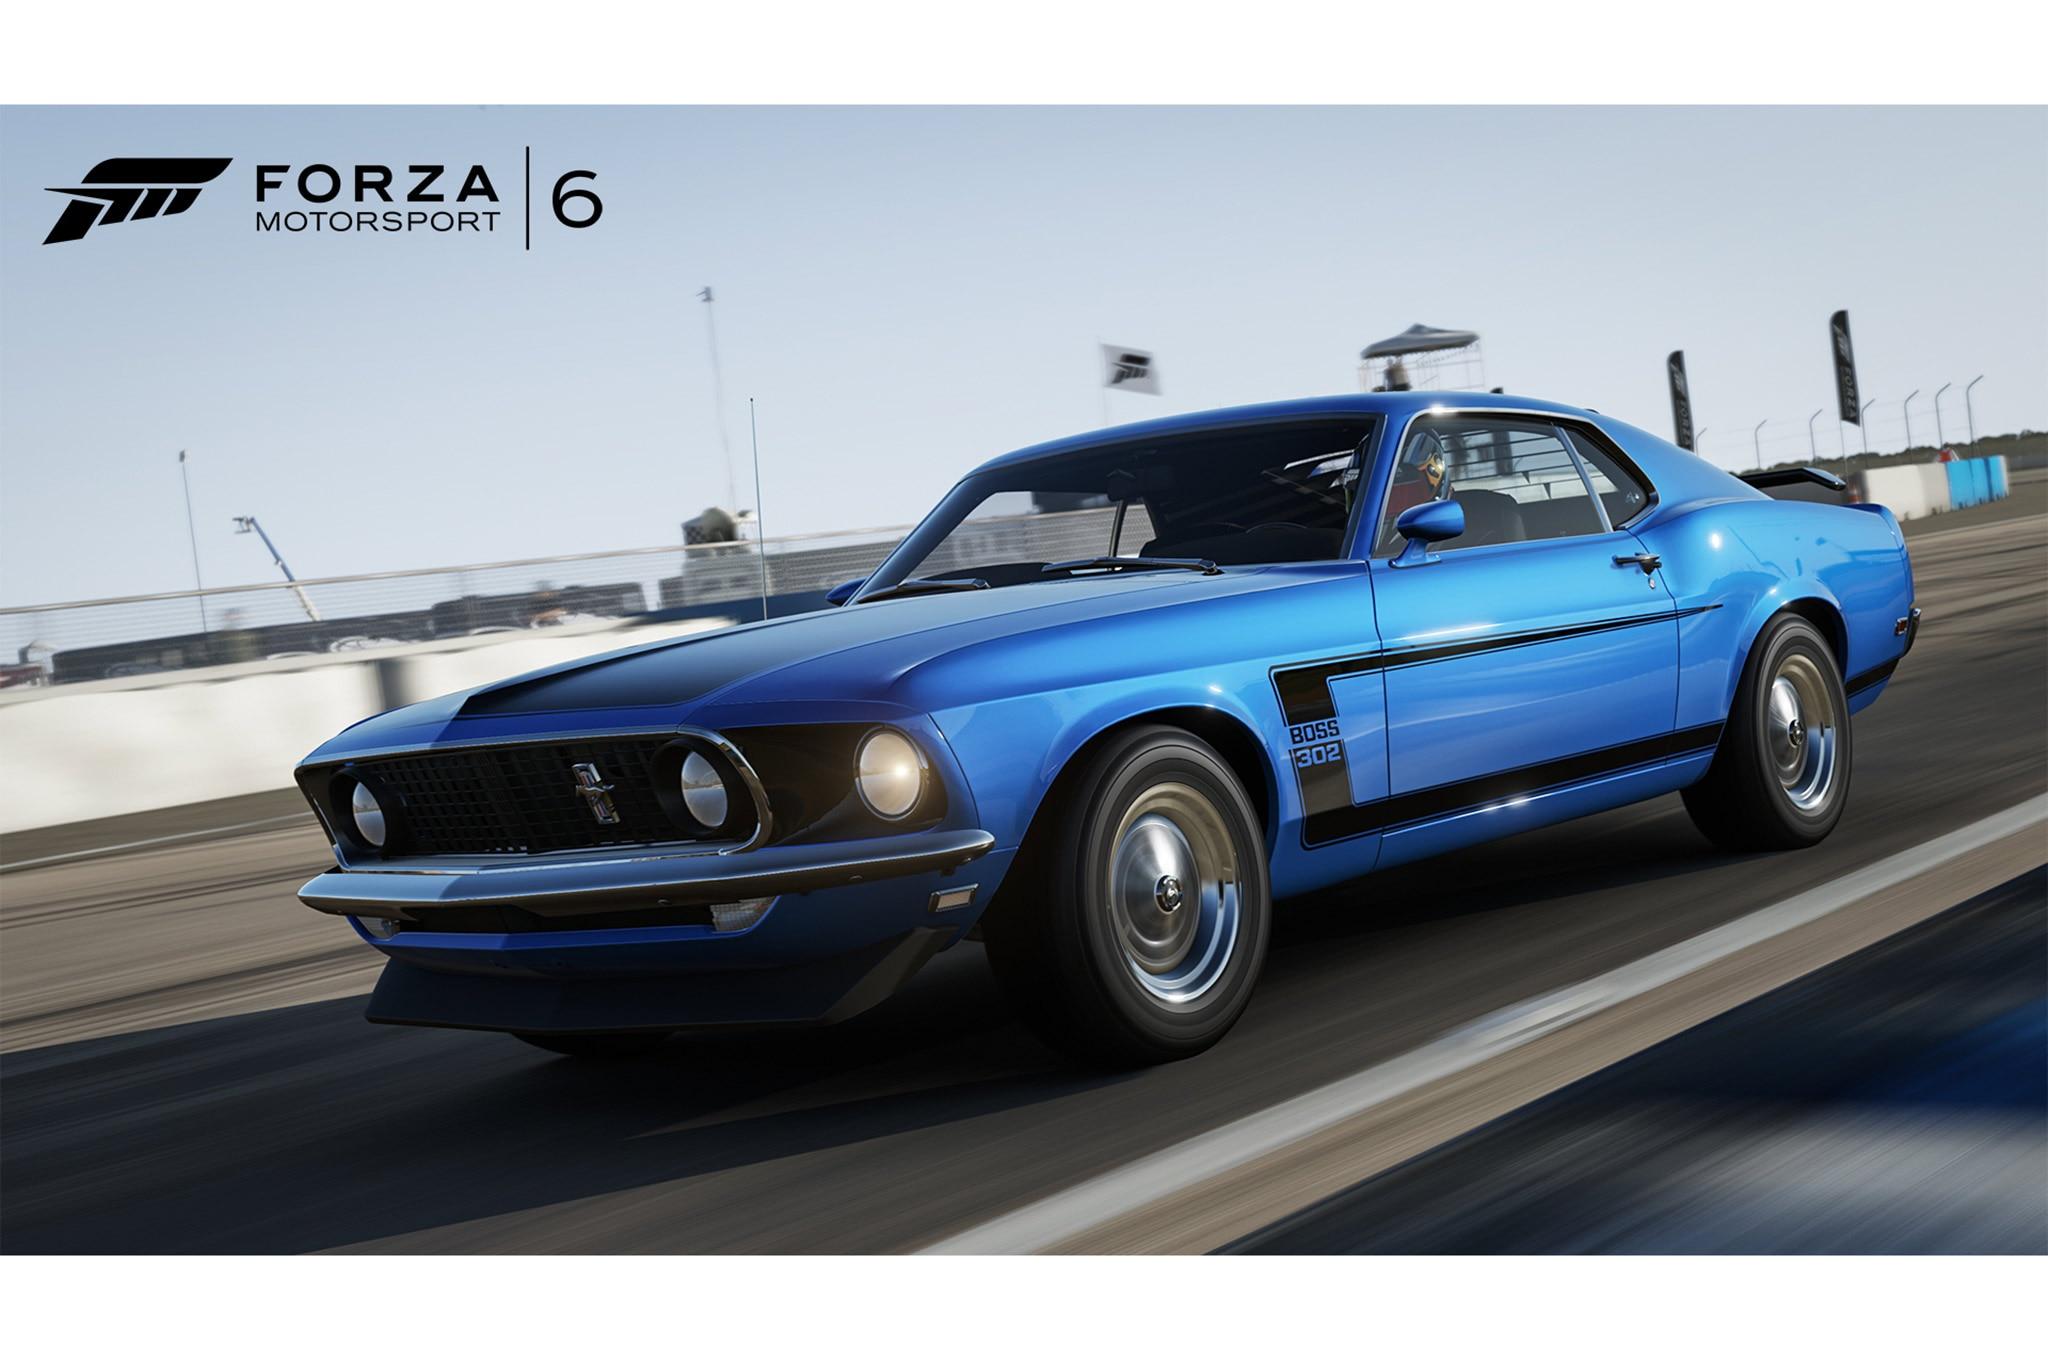 Forza motorsport 6 ford 1969 mustang boss 302